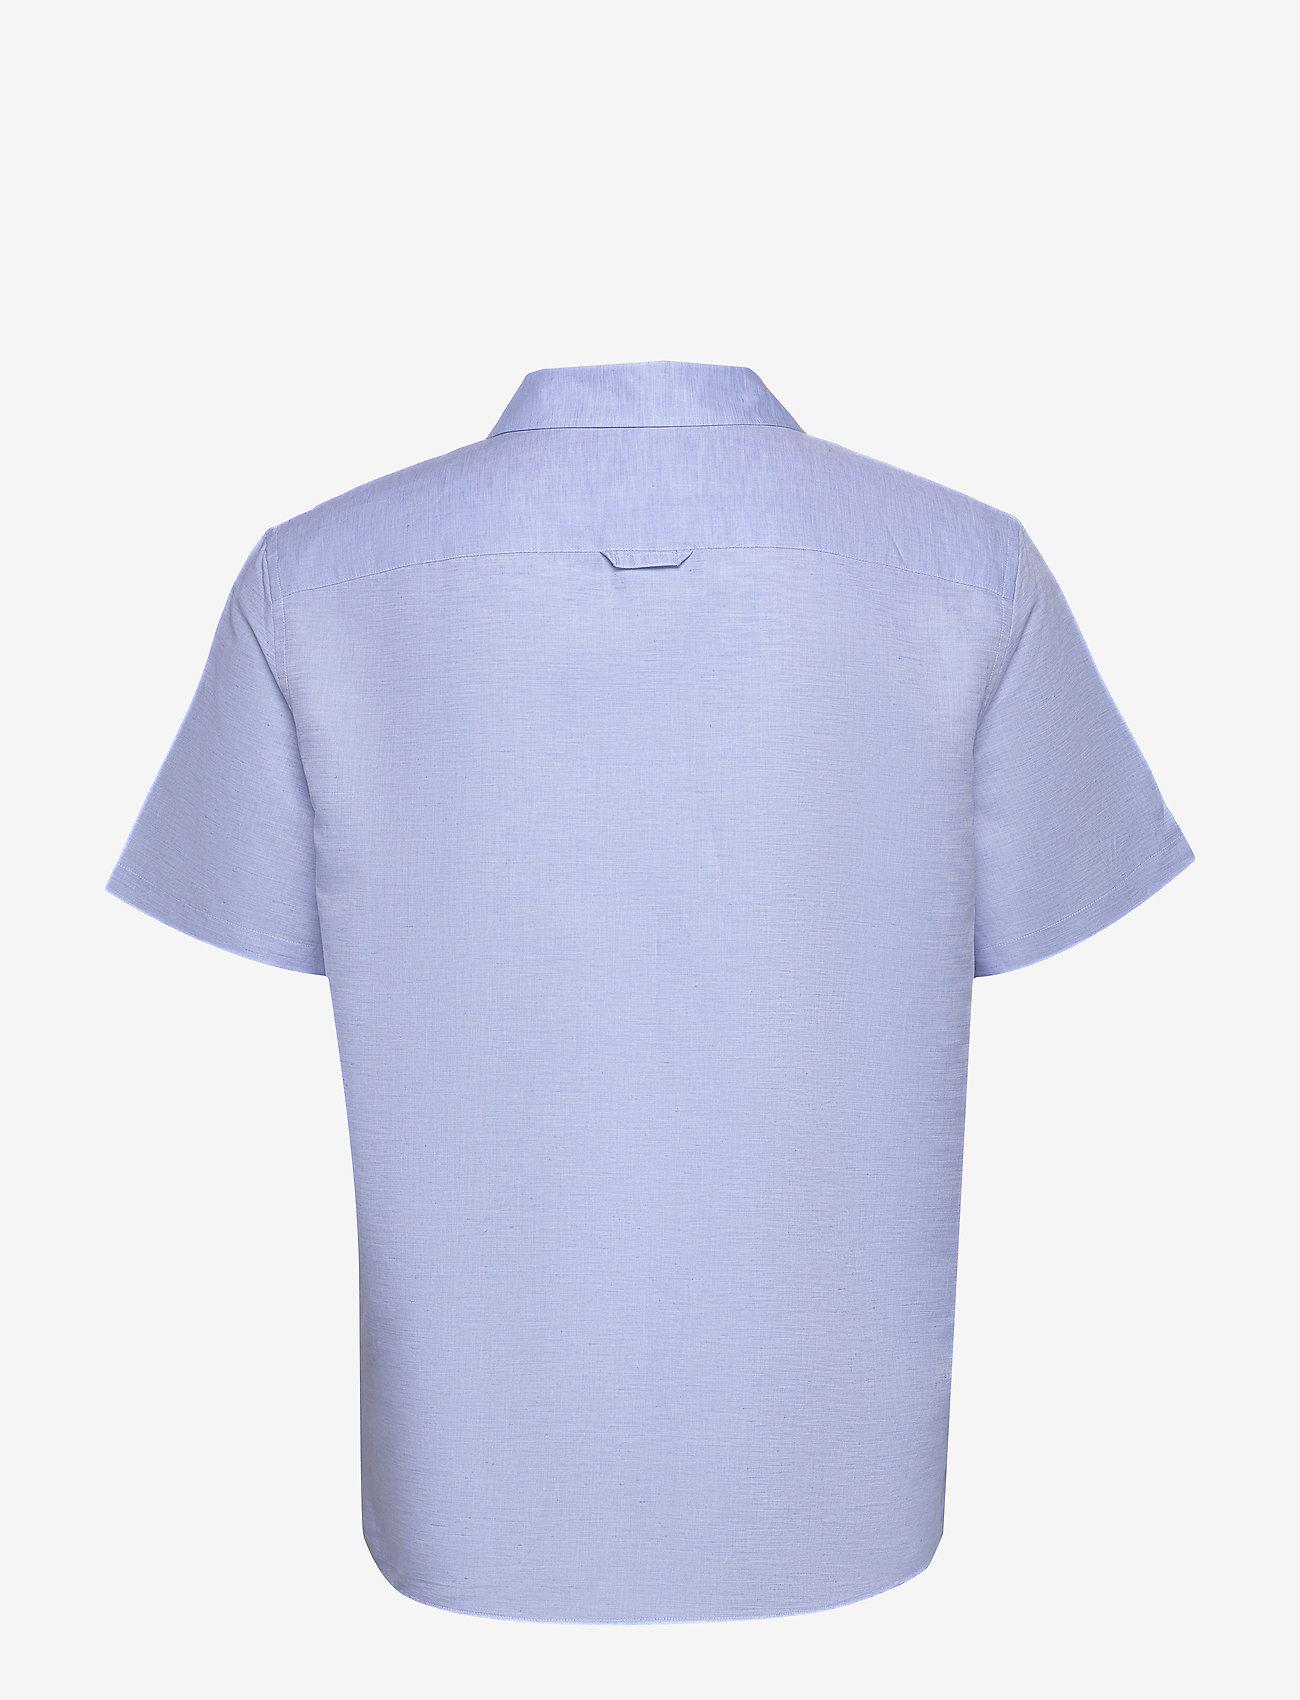 Tiger of Sweden - RICCERDE2 - basic skjorter - silver blue - 1